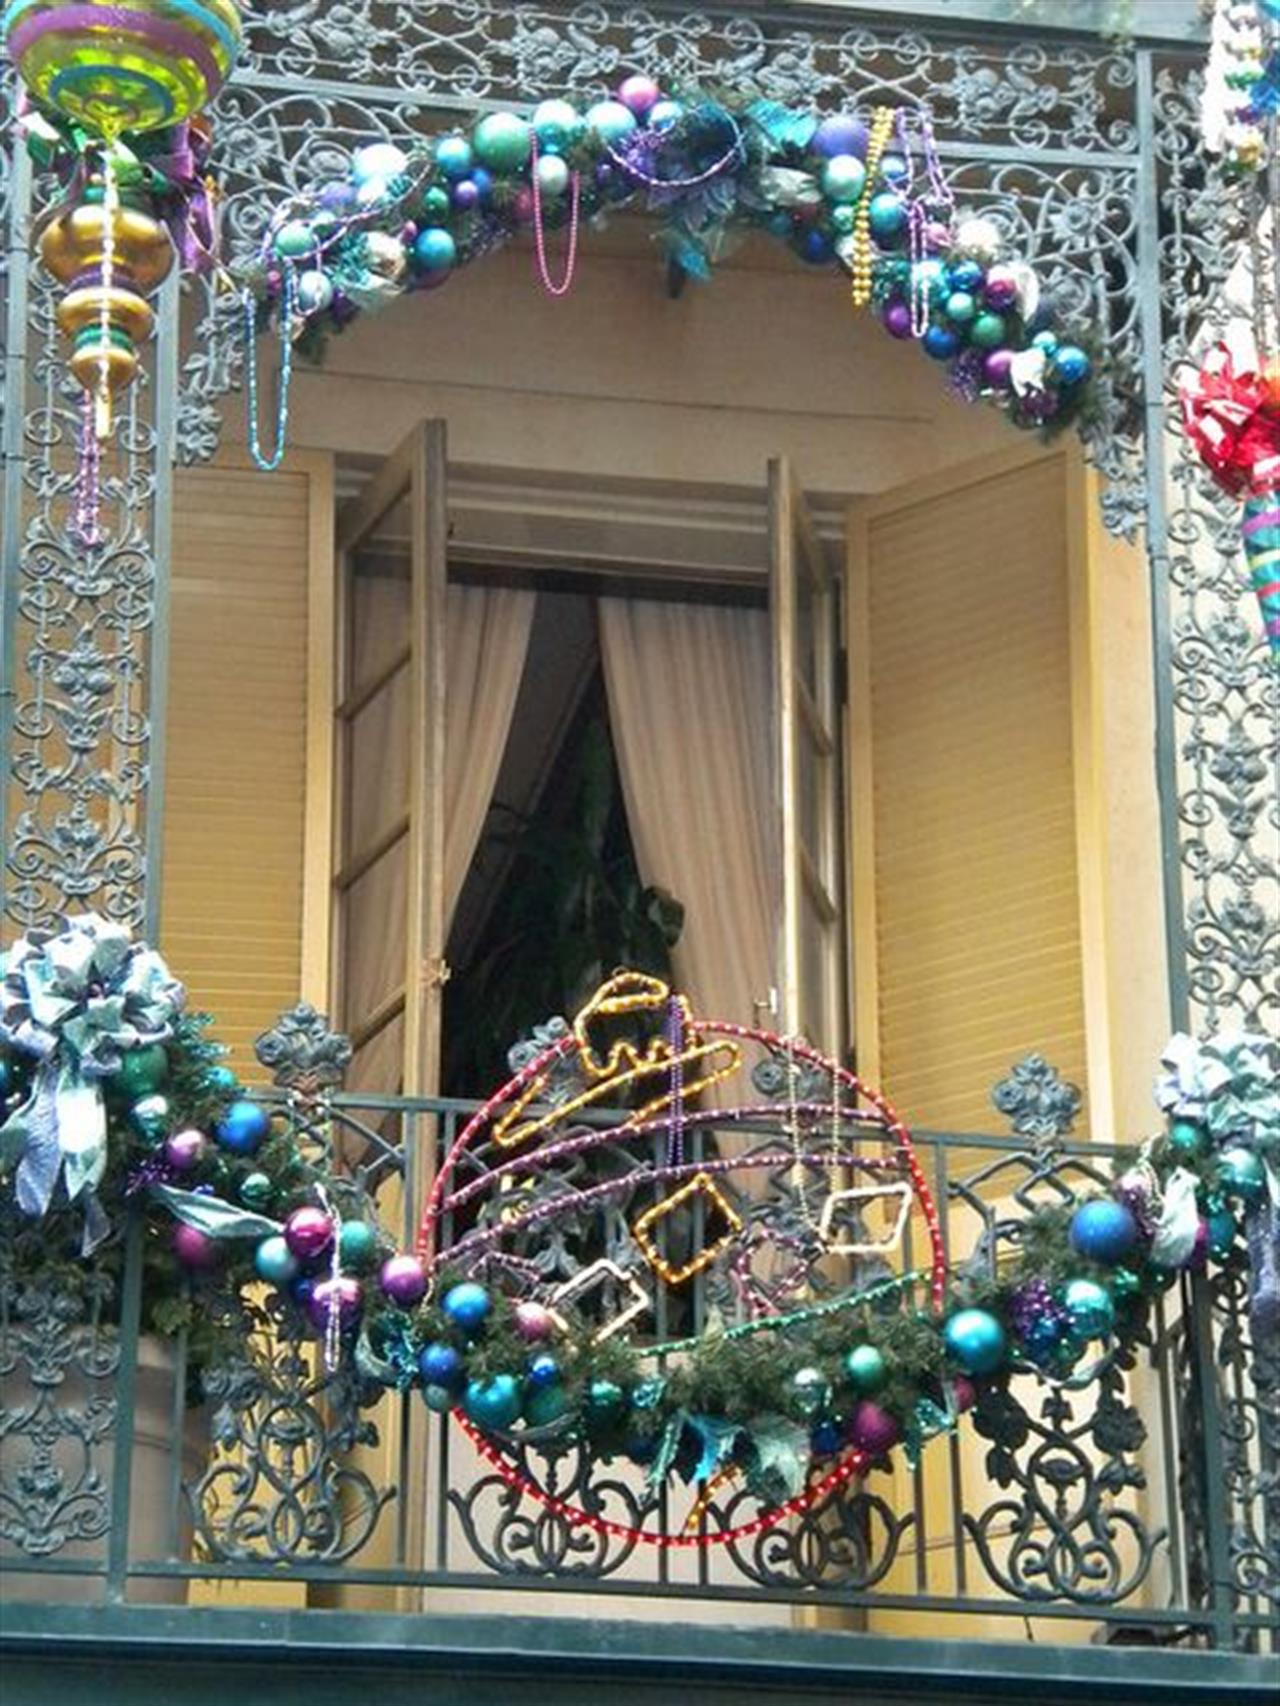 27 ý tưởng trang trí ban công dịp Giáng sinh cực đáng yêu cho mỗi gia đình - Ảnh 25.